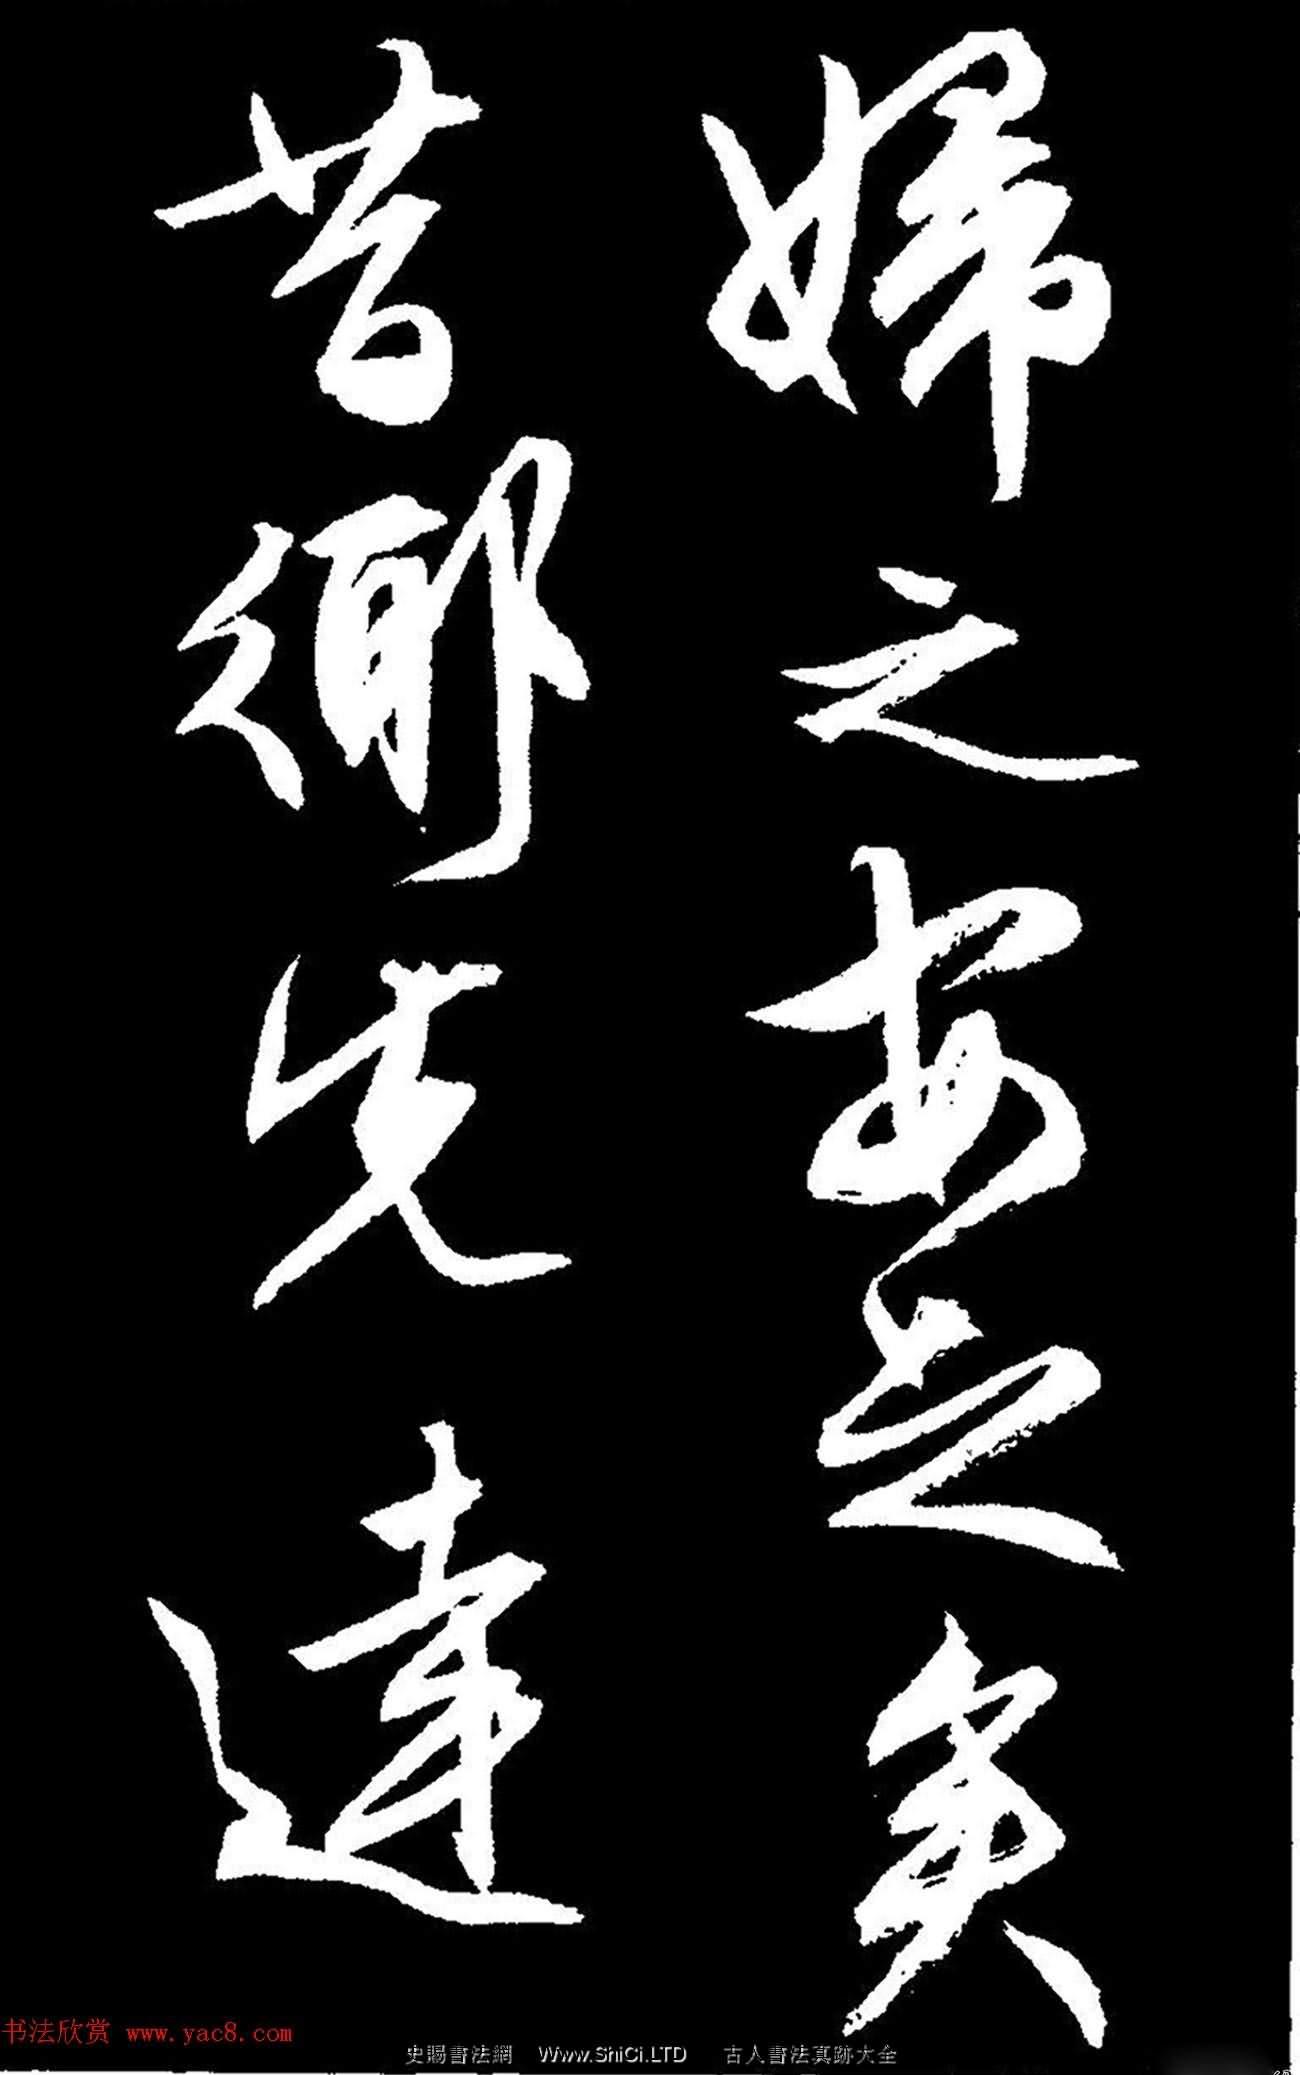 文征明行草書《過庭復語十節卷》高清大圖